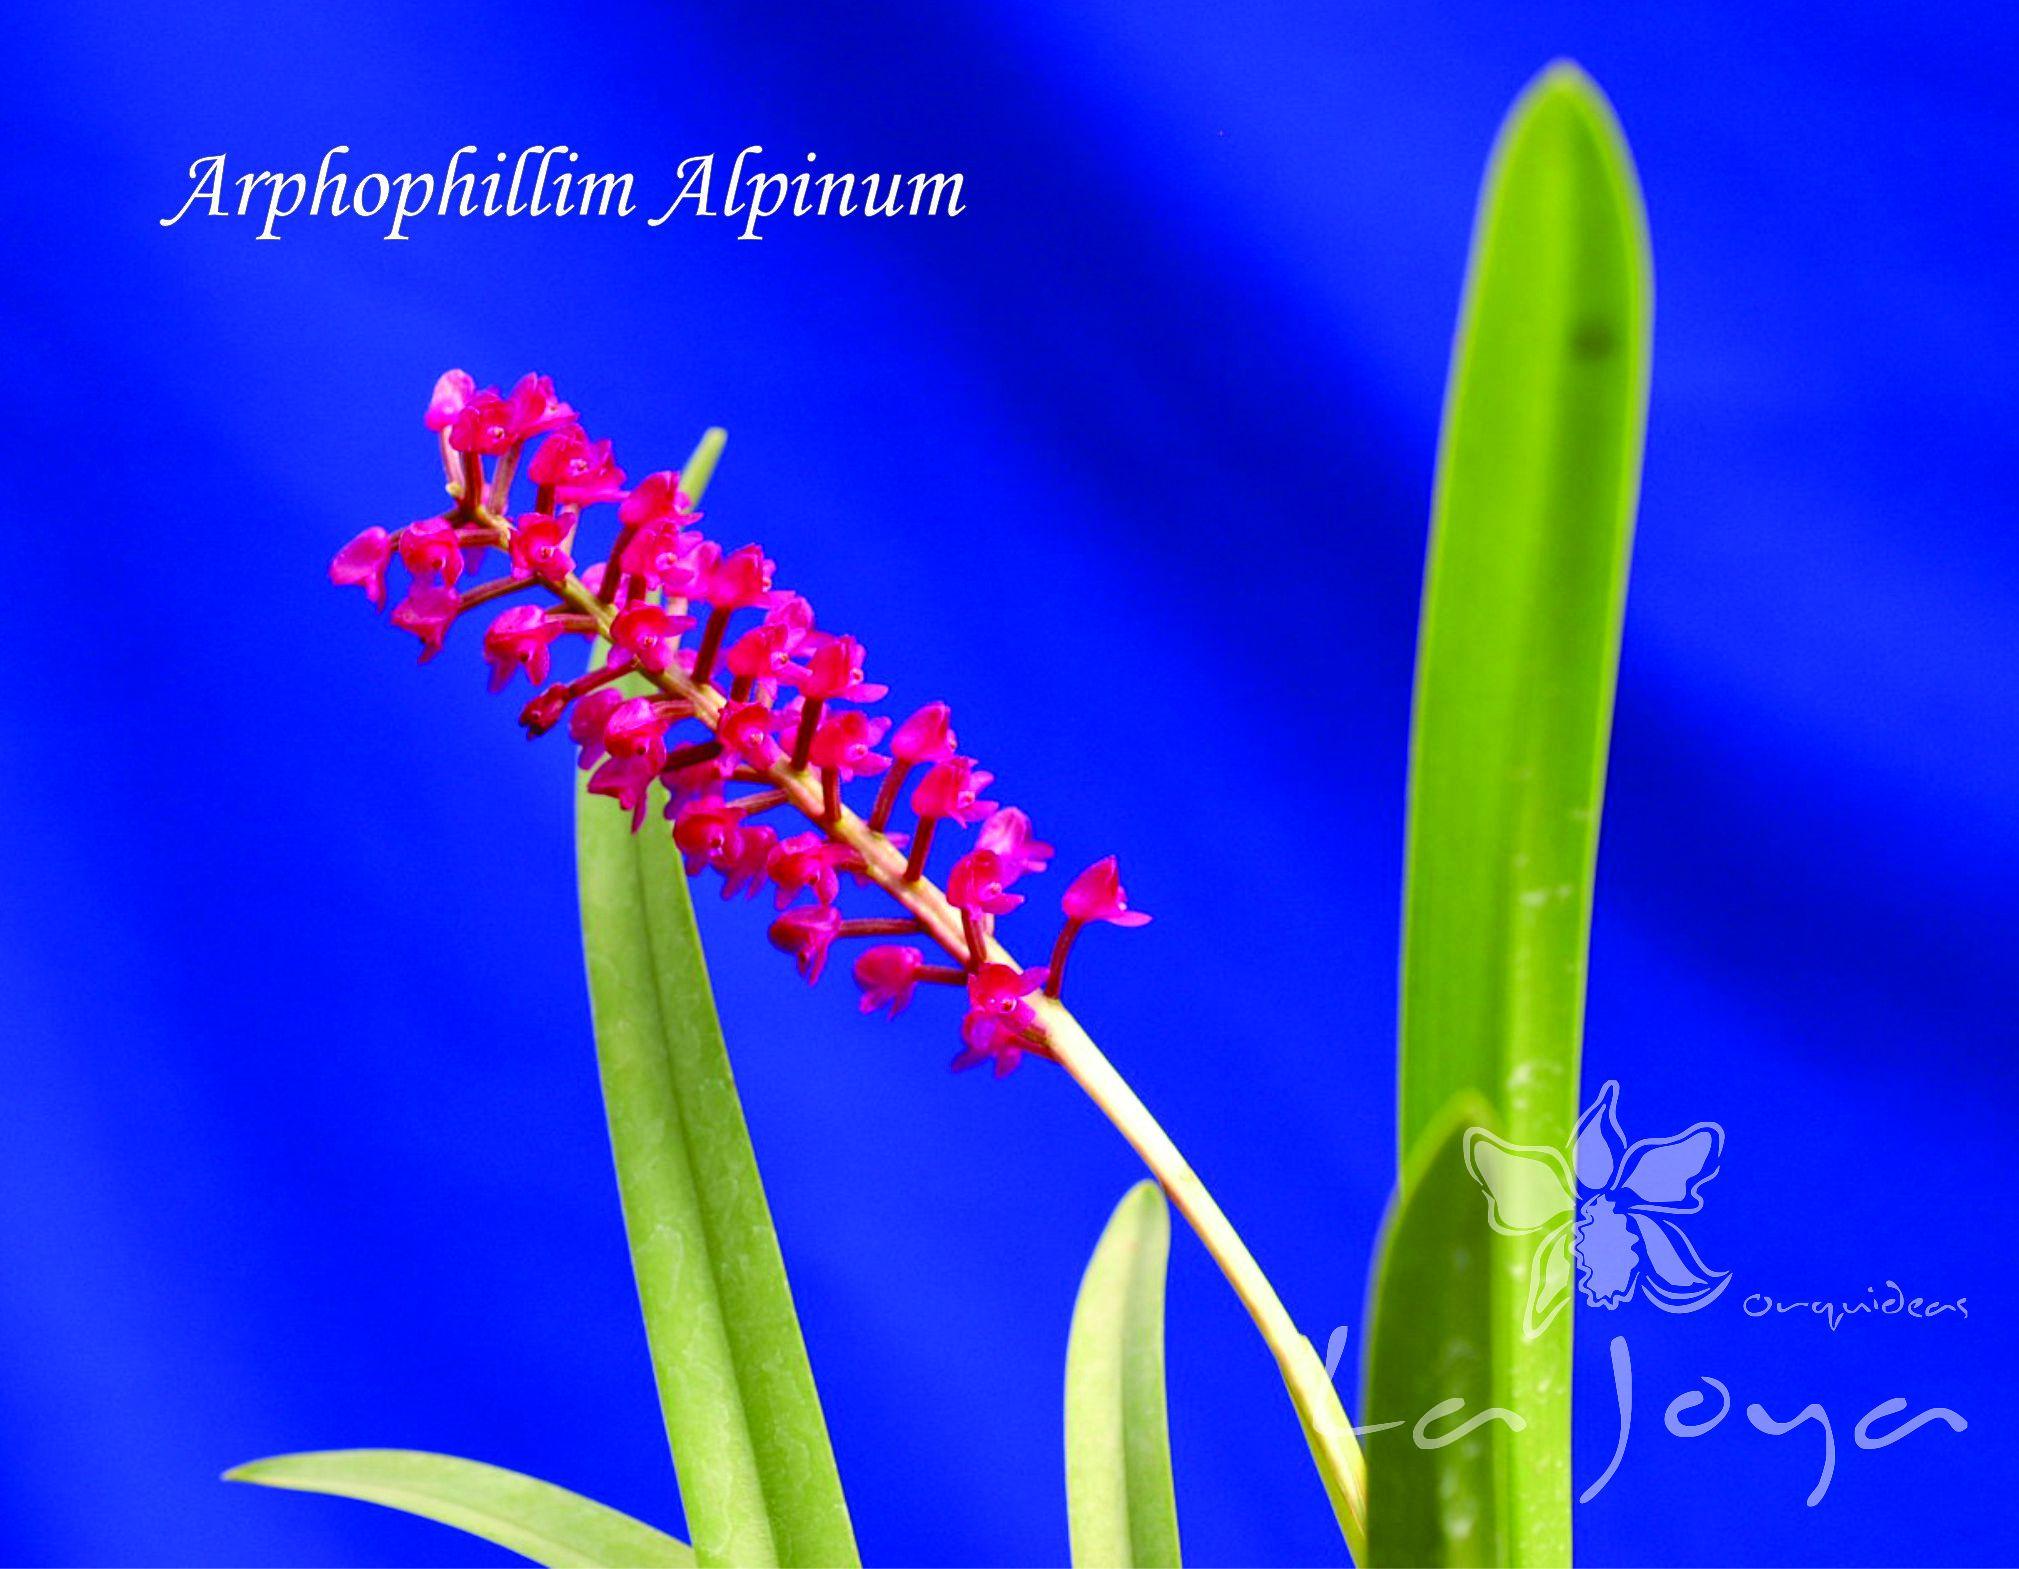 Arpophyllum Alpinum